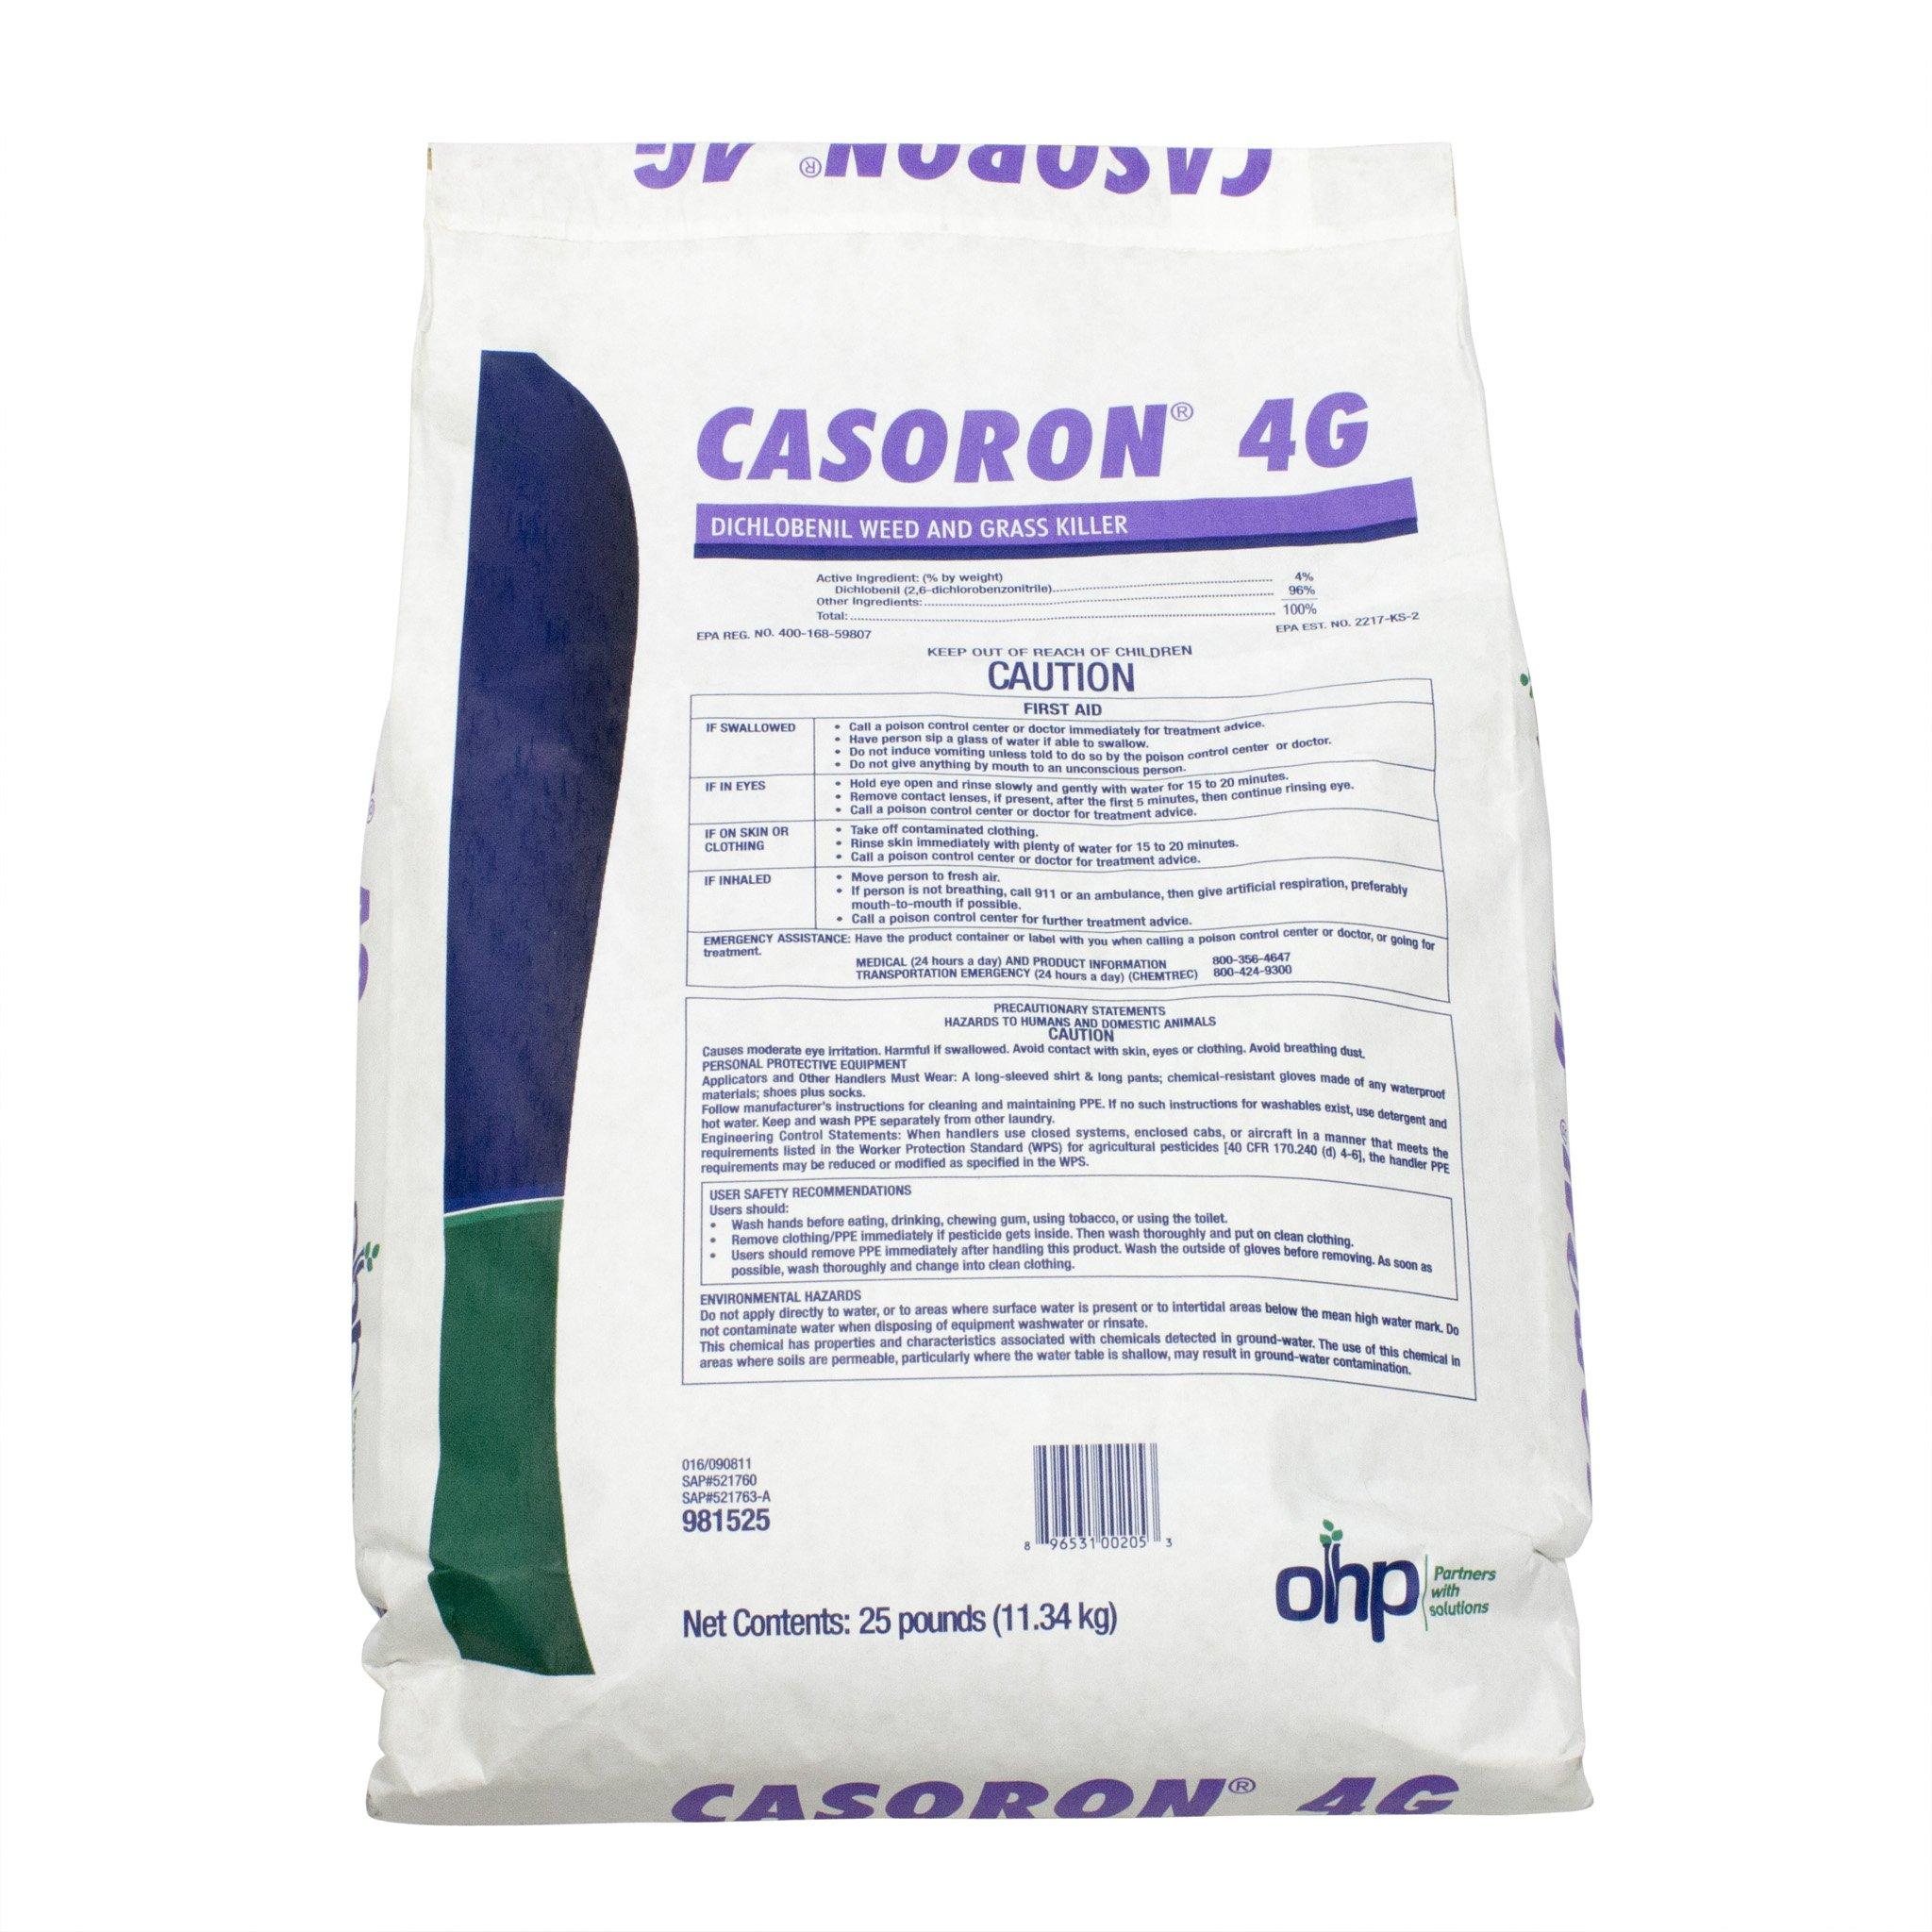 Chemtura Casoron 4G Pre Emergent Herbicide - 25 Pounds